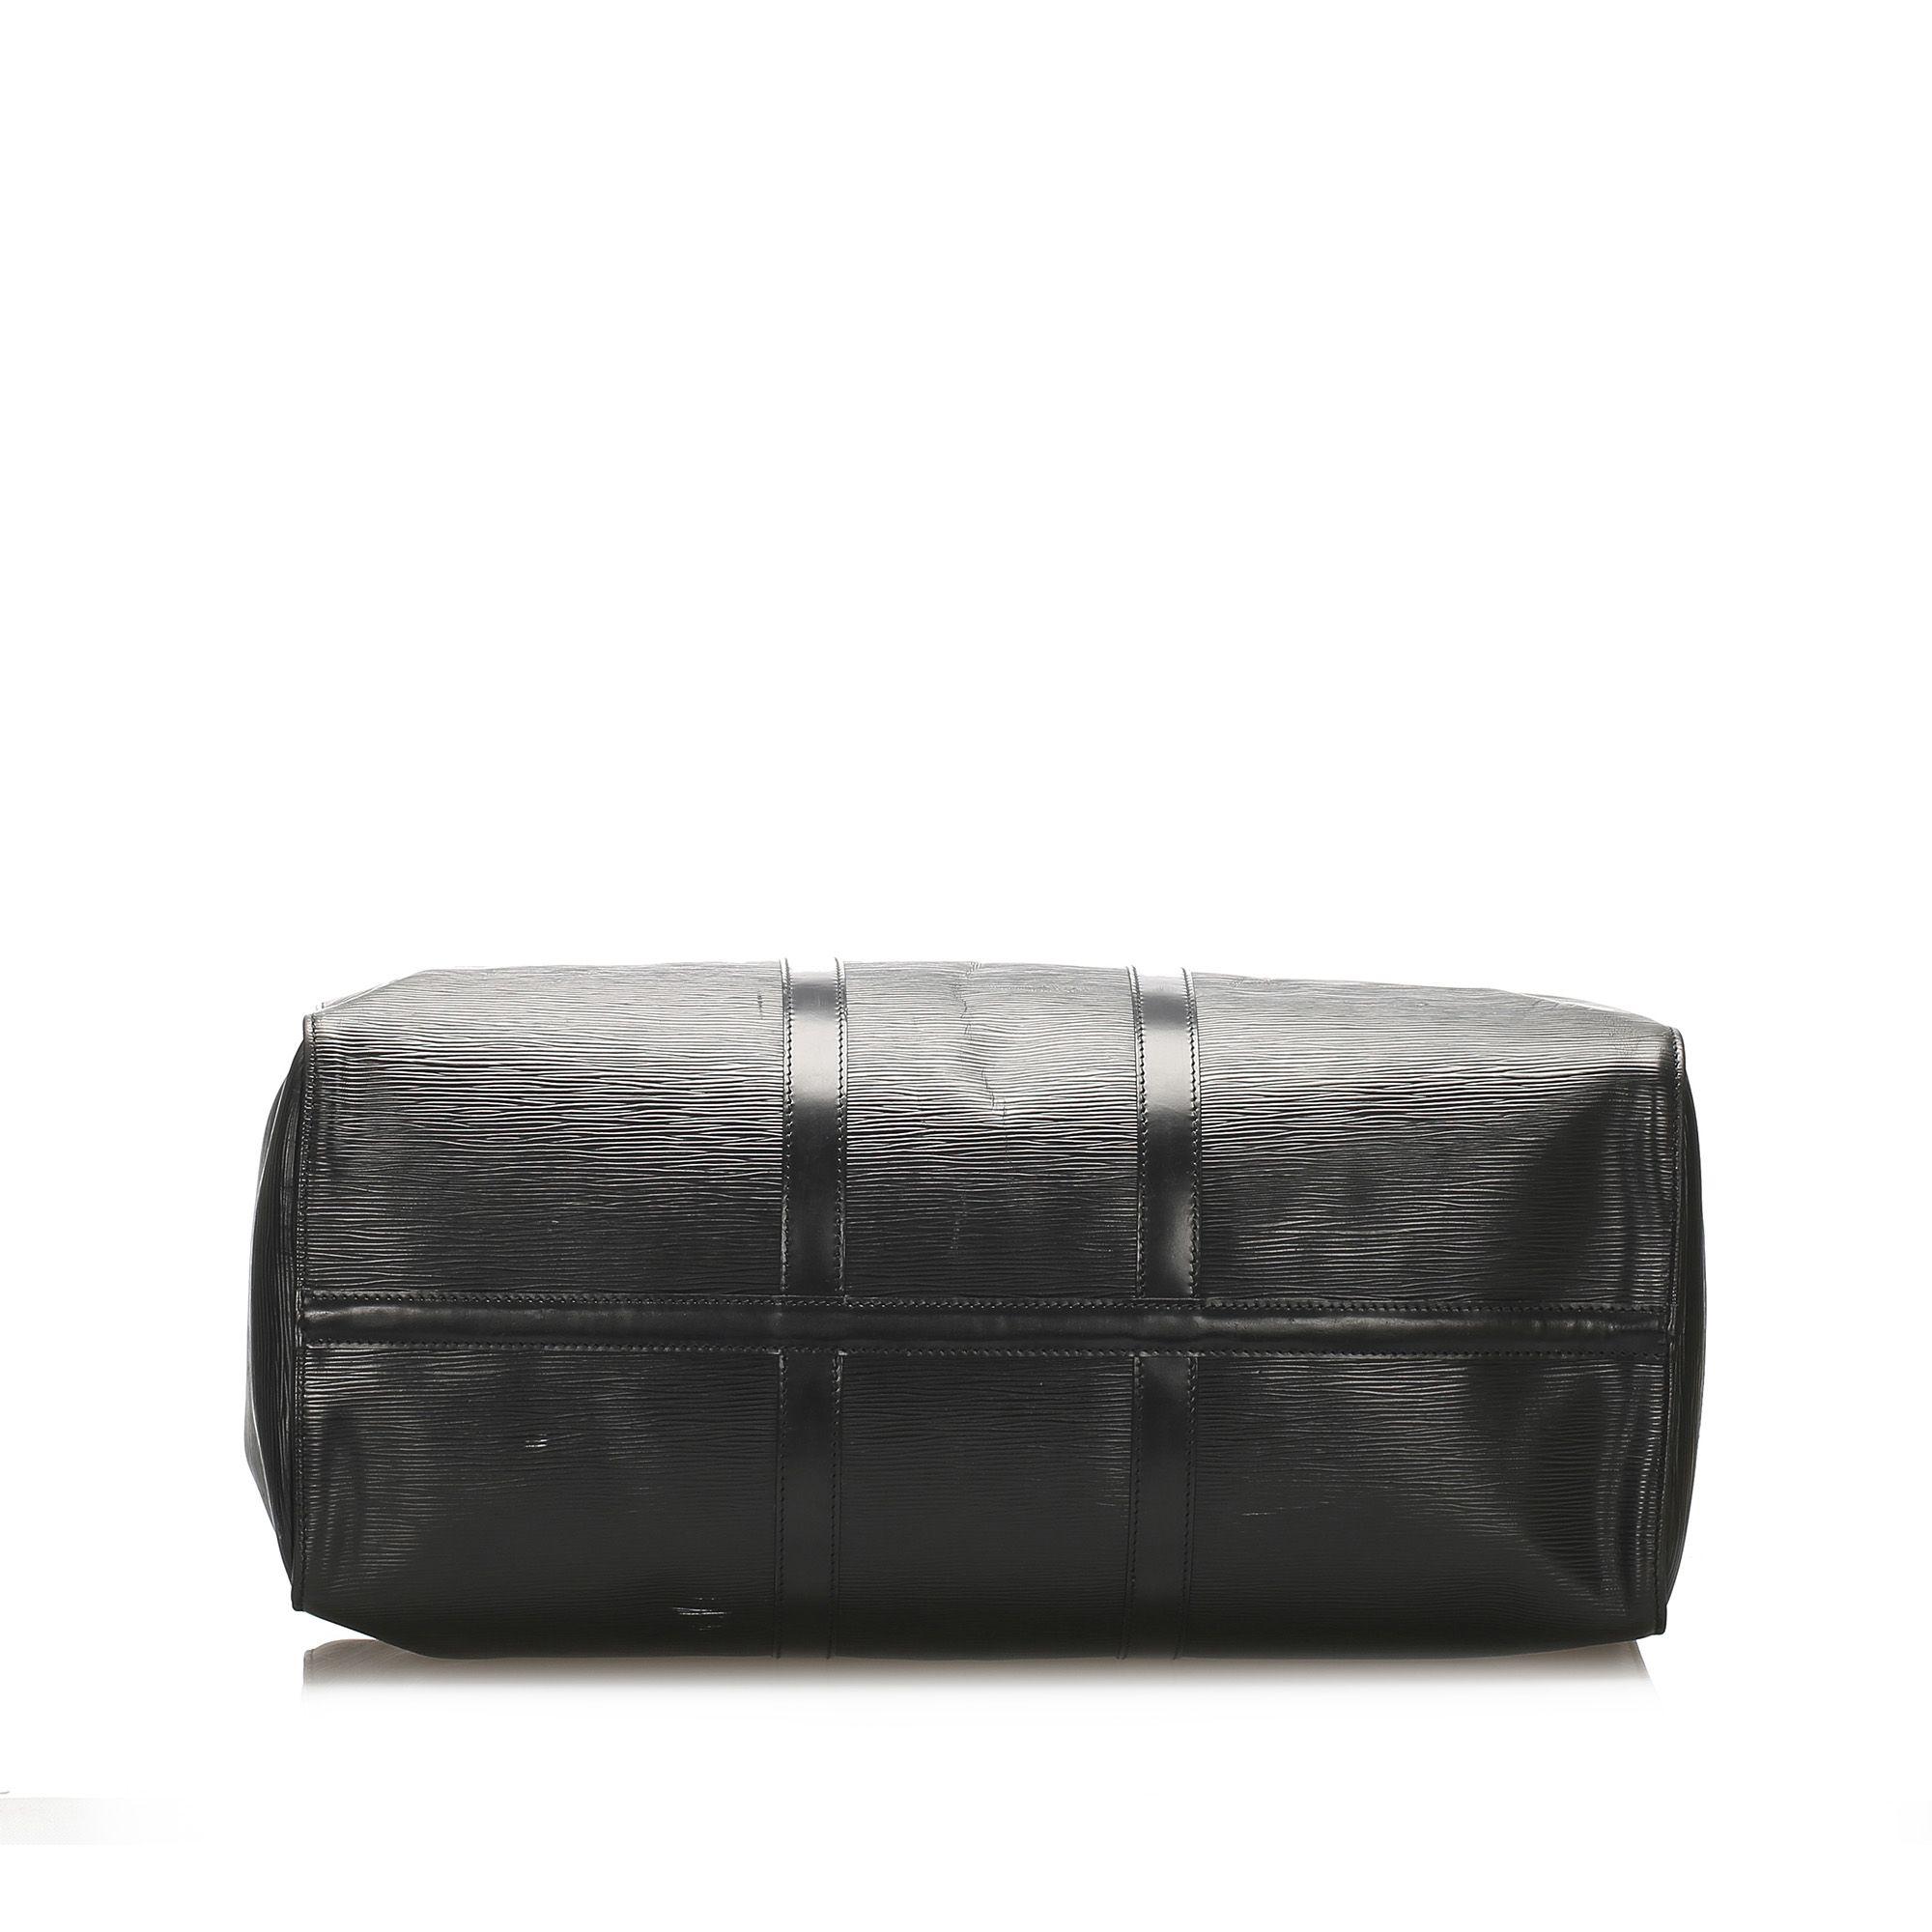 Vintage Louis Vuitton Epi Keepall 50 Black